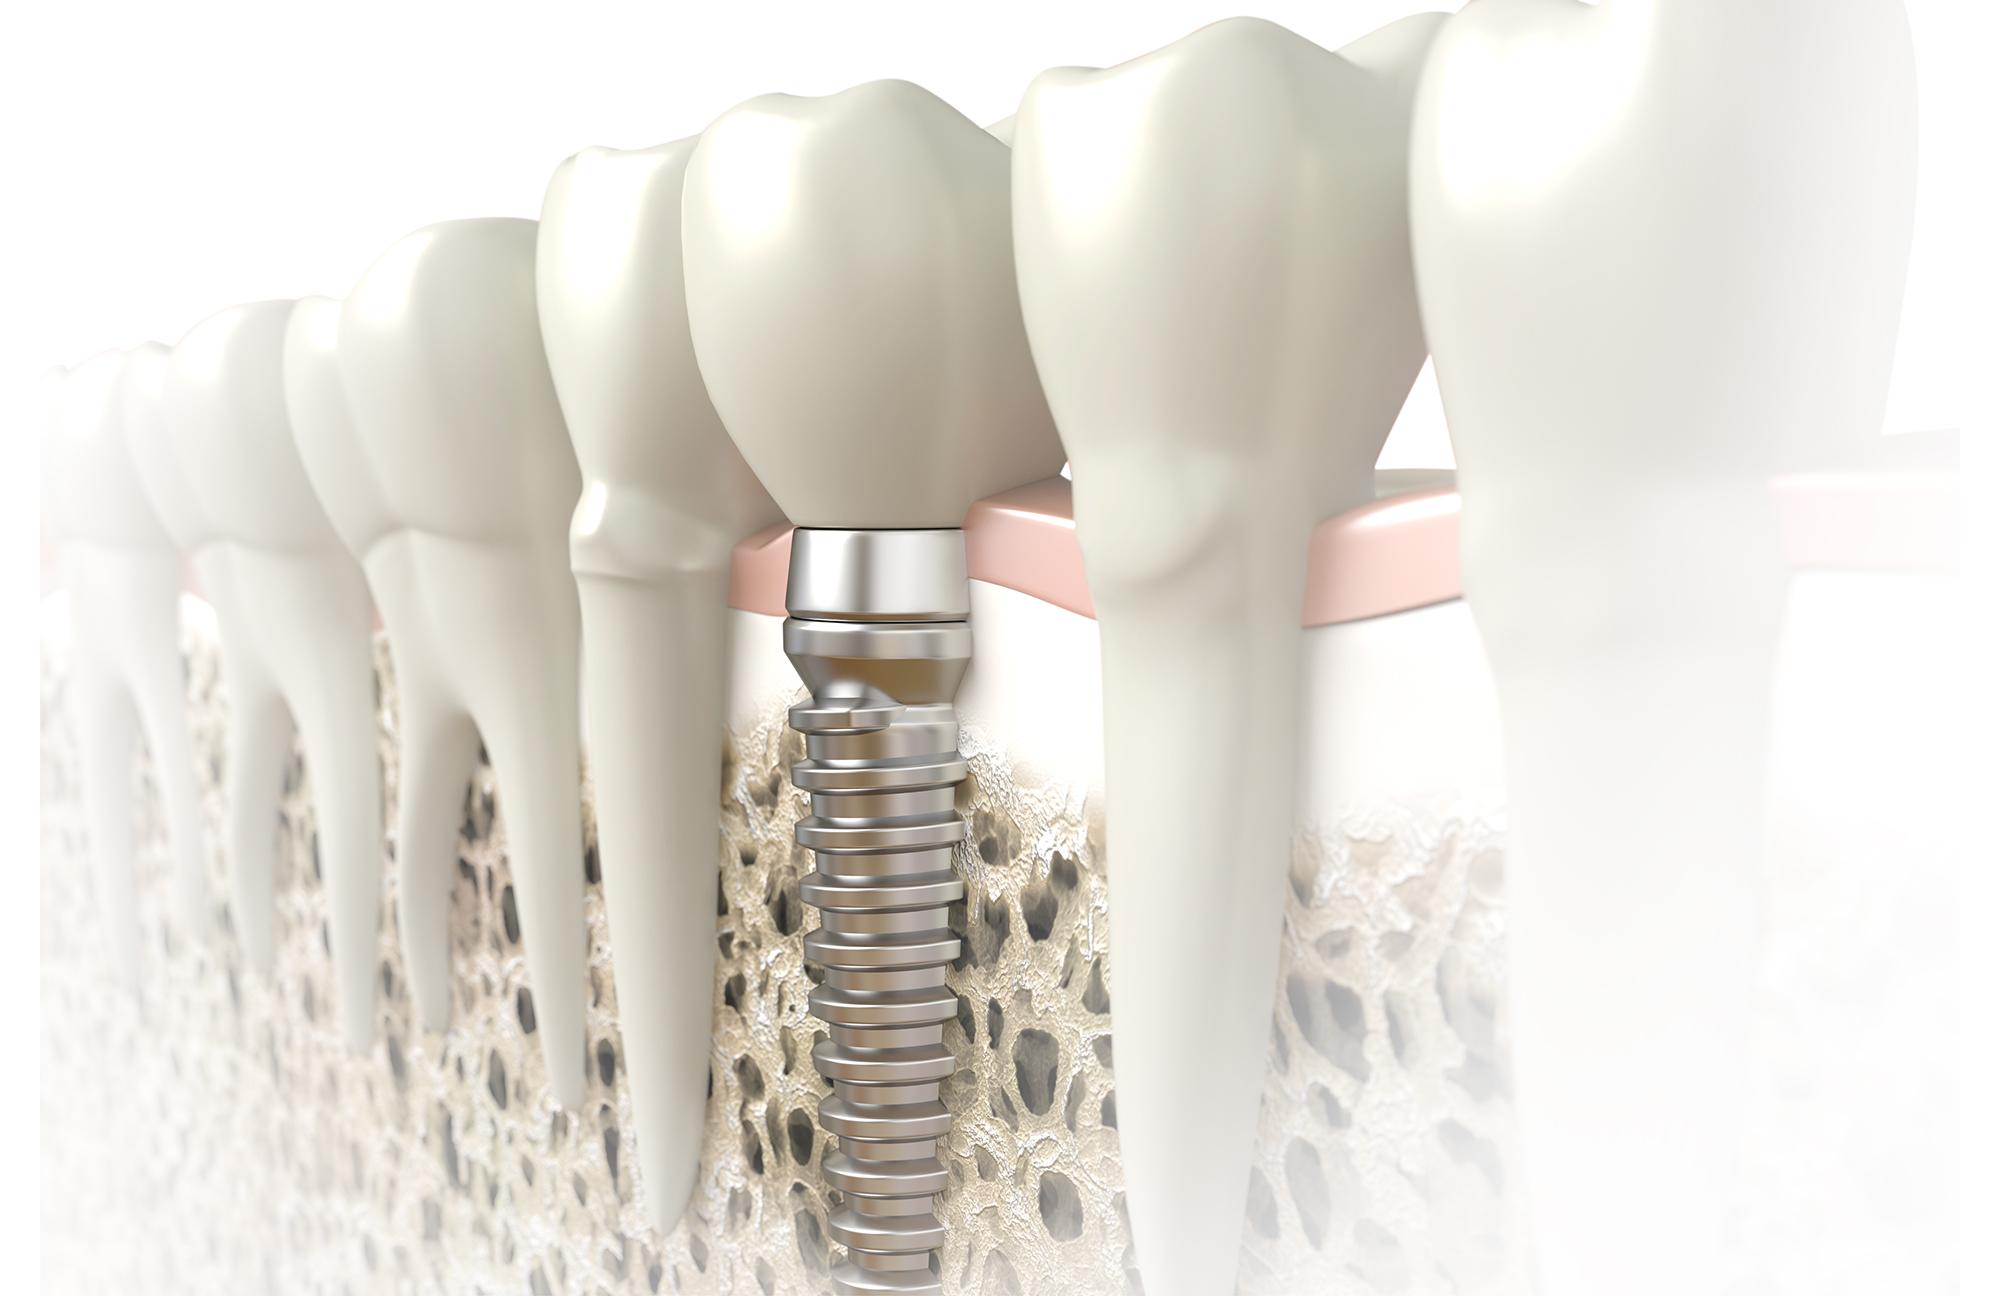 3d rendering of dental implant in bone